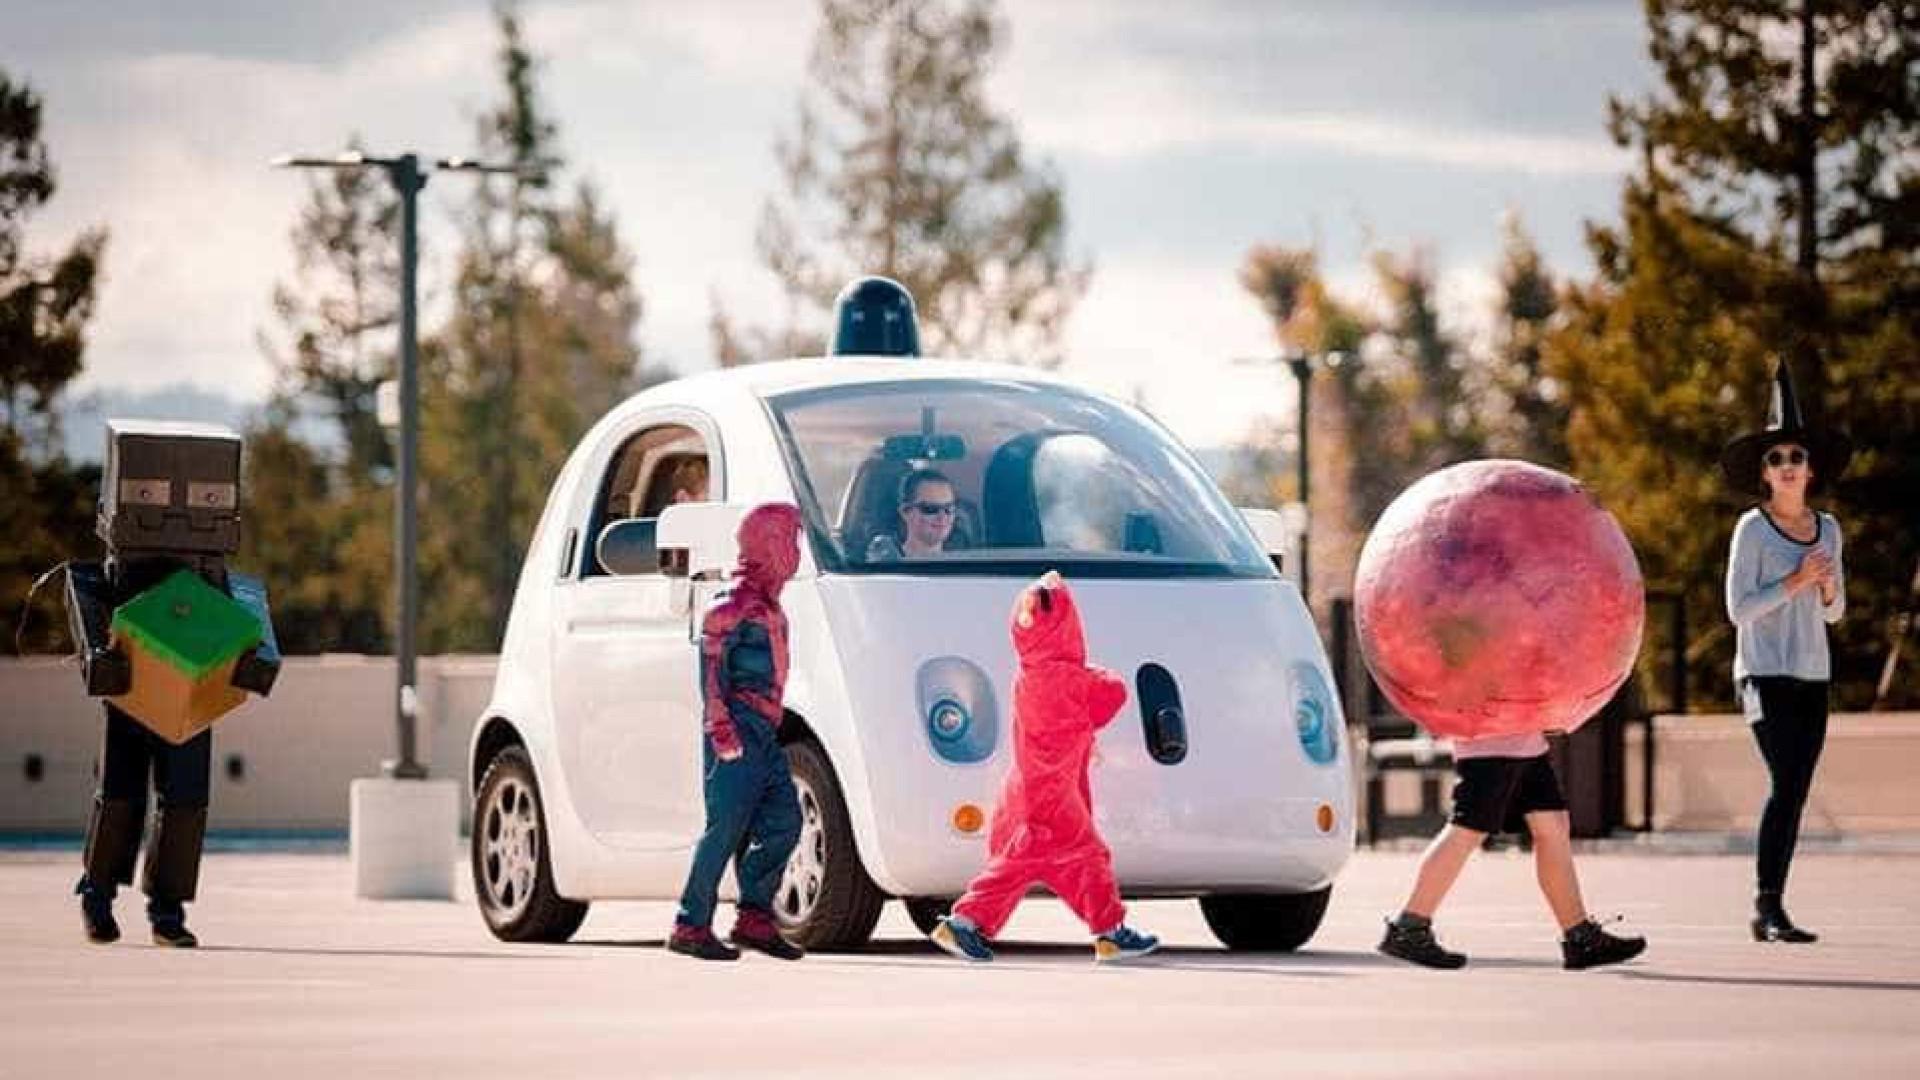 Carros autónomos podem vir a sofrer de 'bullying' nas estradas